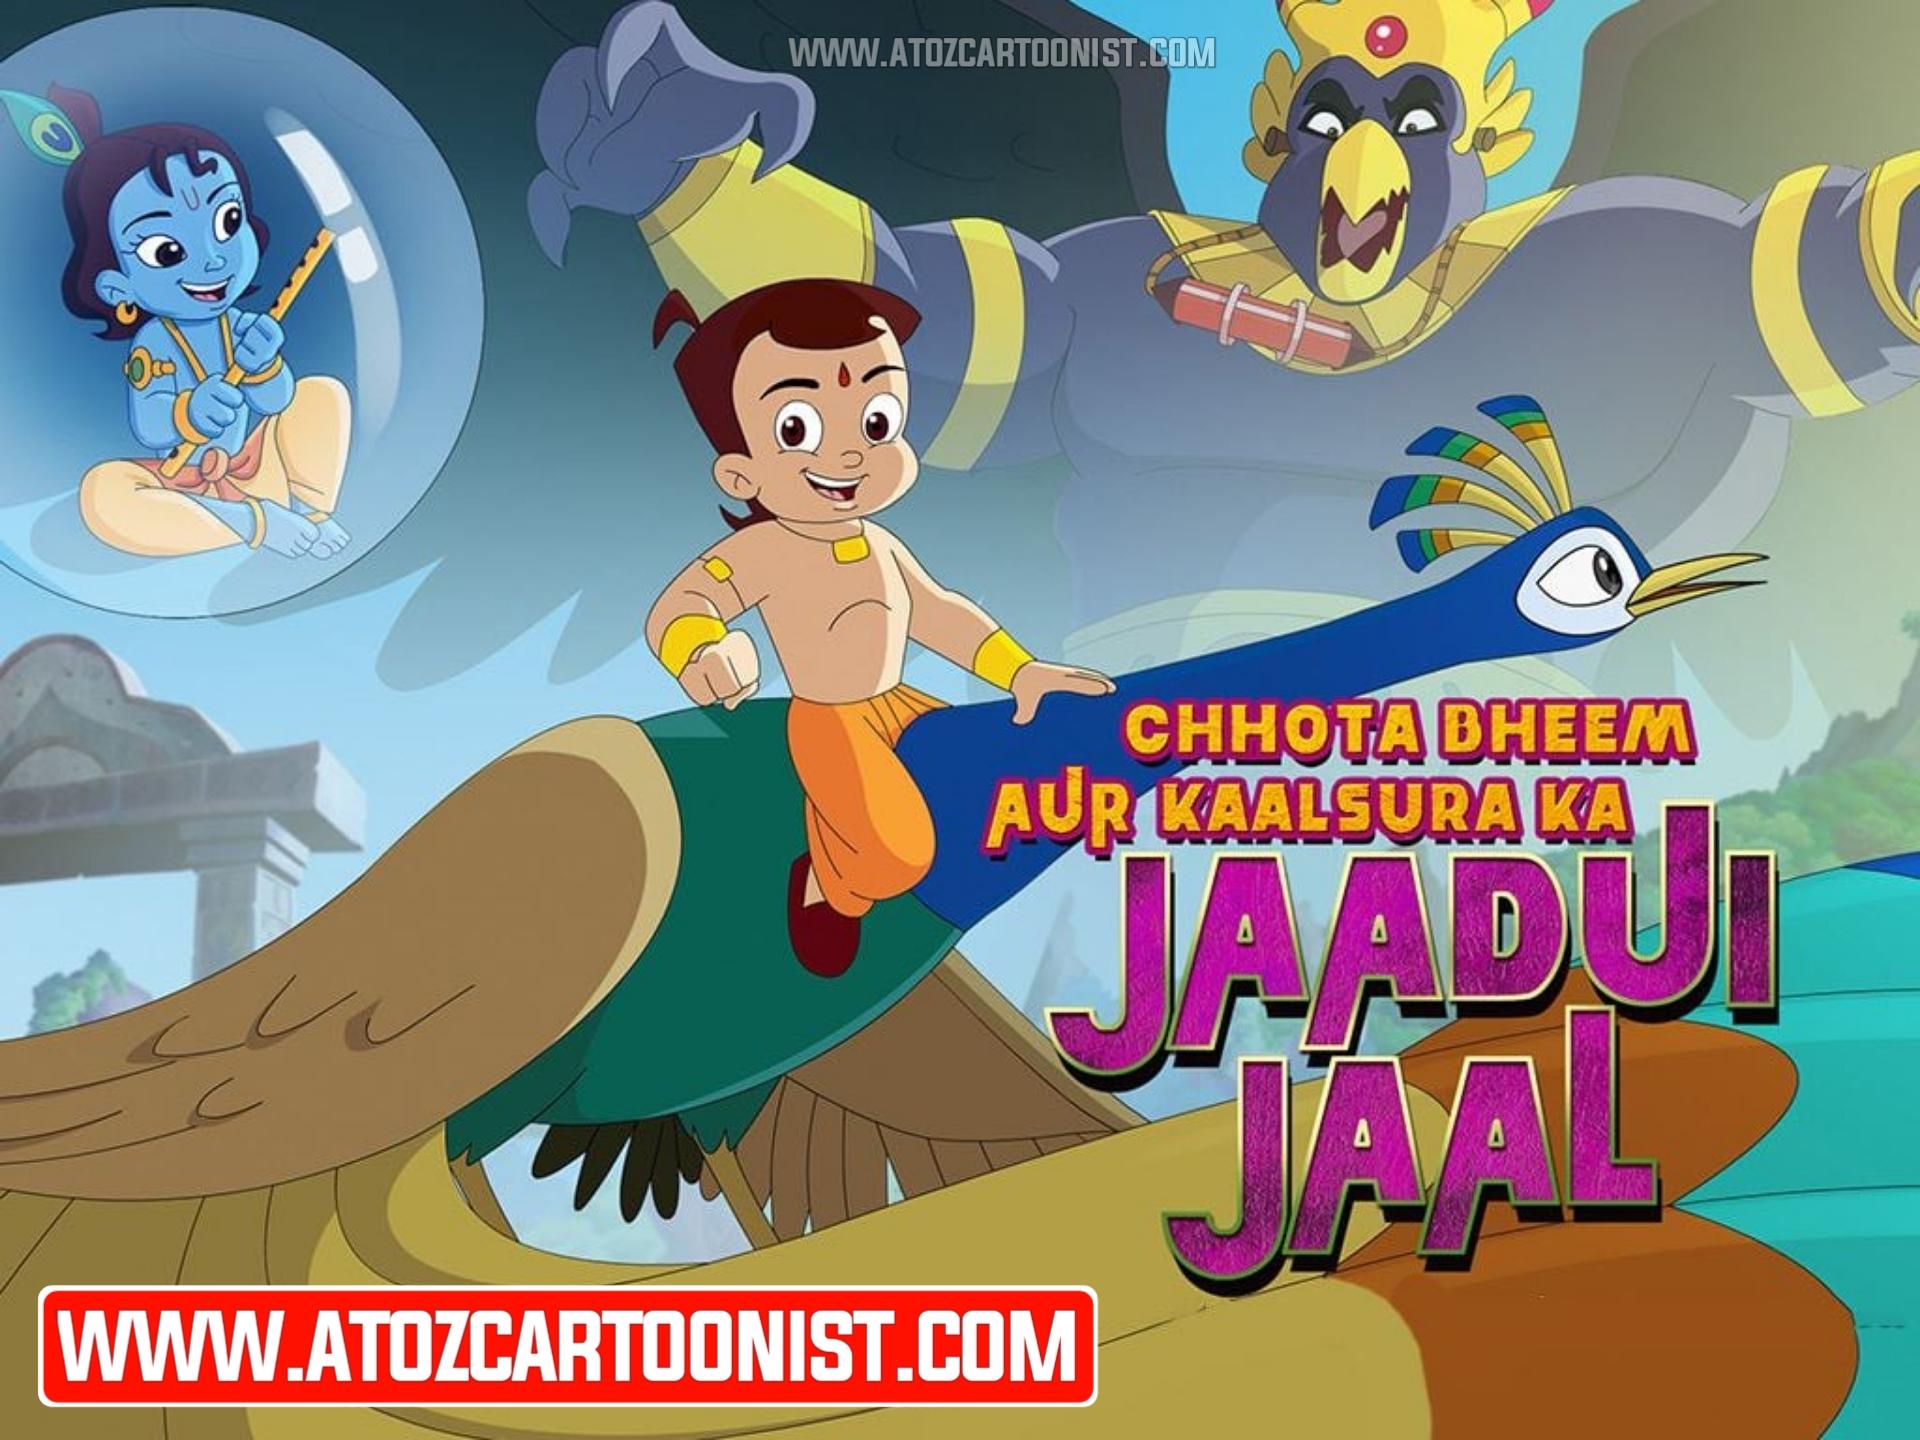 CHHOTA BHEEM AUR KAALSURA KA JAADUI JAAL FULL MOVIE IN HINDI & TAMIL DOWNLOAD (480P, 720P & 1080P)